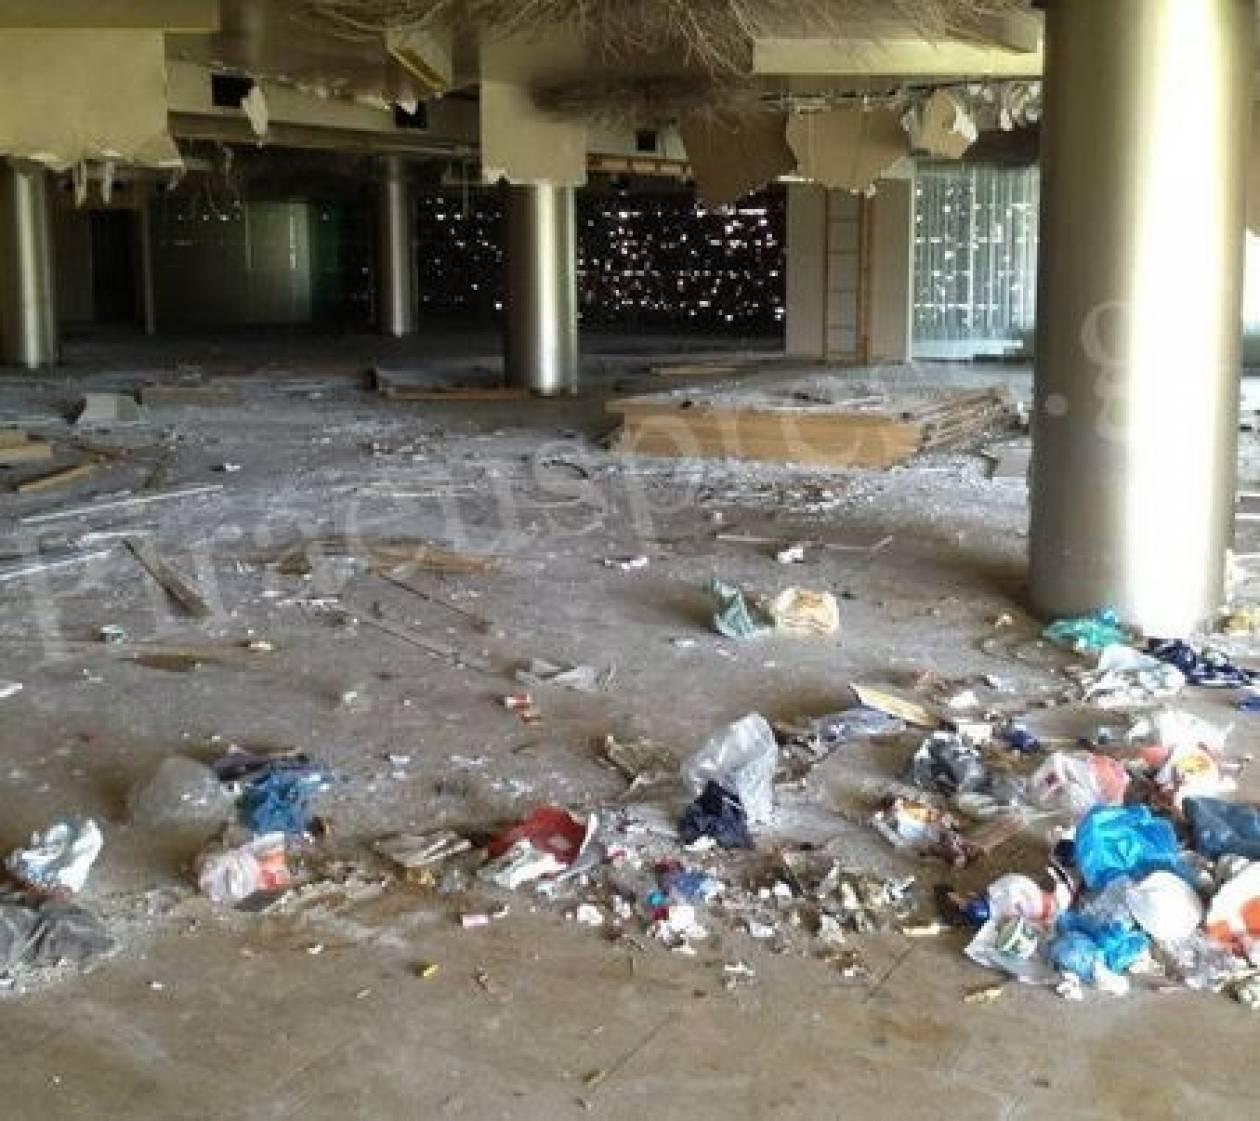 ΕΙΚΟΝΕΣ ΝΤΡΟΠΗΣ, πλήρους εγκατάλειψης και απόλυτης καταστροφής στο ΣΕΦ